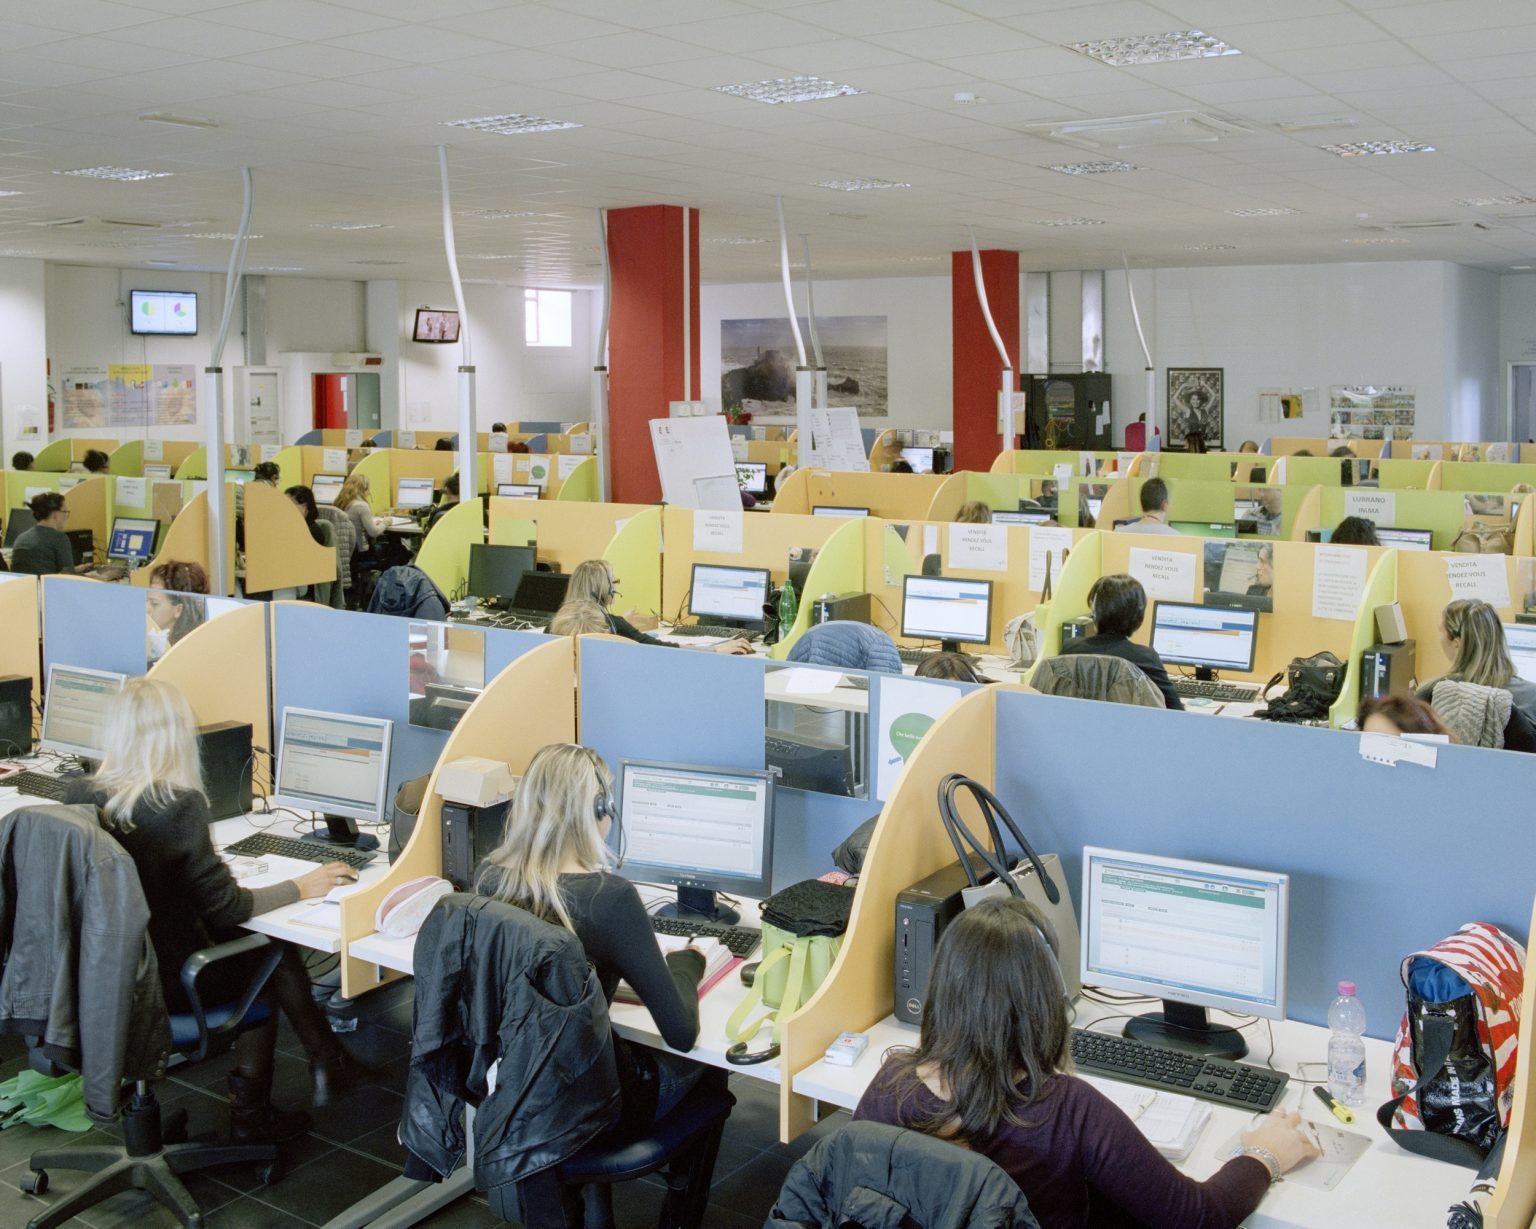 Call&Call, La Spezia, 2015. 600 employees, 80% are women with an average age of 35 years old.  >< Call&Call, La Spezia, 2015. Call center della Call&Call, 600 dipendenti di cui 80% donne con eta` media di 35 anni.